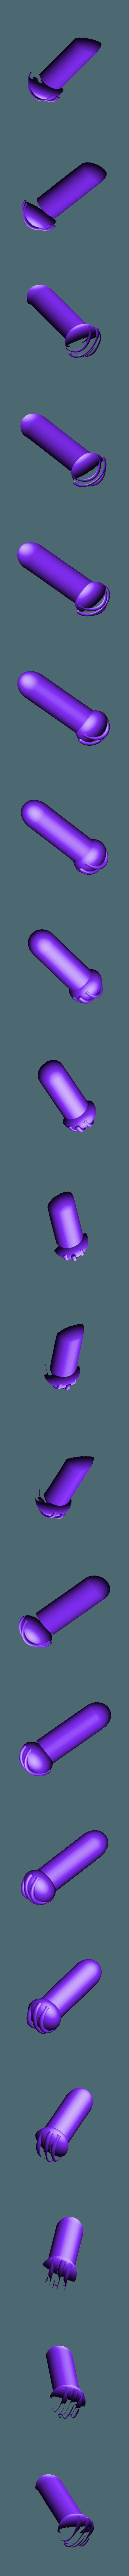 arm_right_grey.stl Télécharger fichier STL gratuit Koala (de la série animée Pucca) MMU • Objet à imprimer en 3D, Jangie